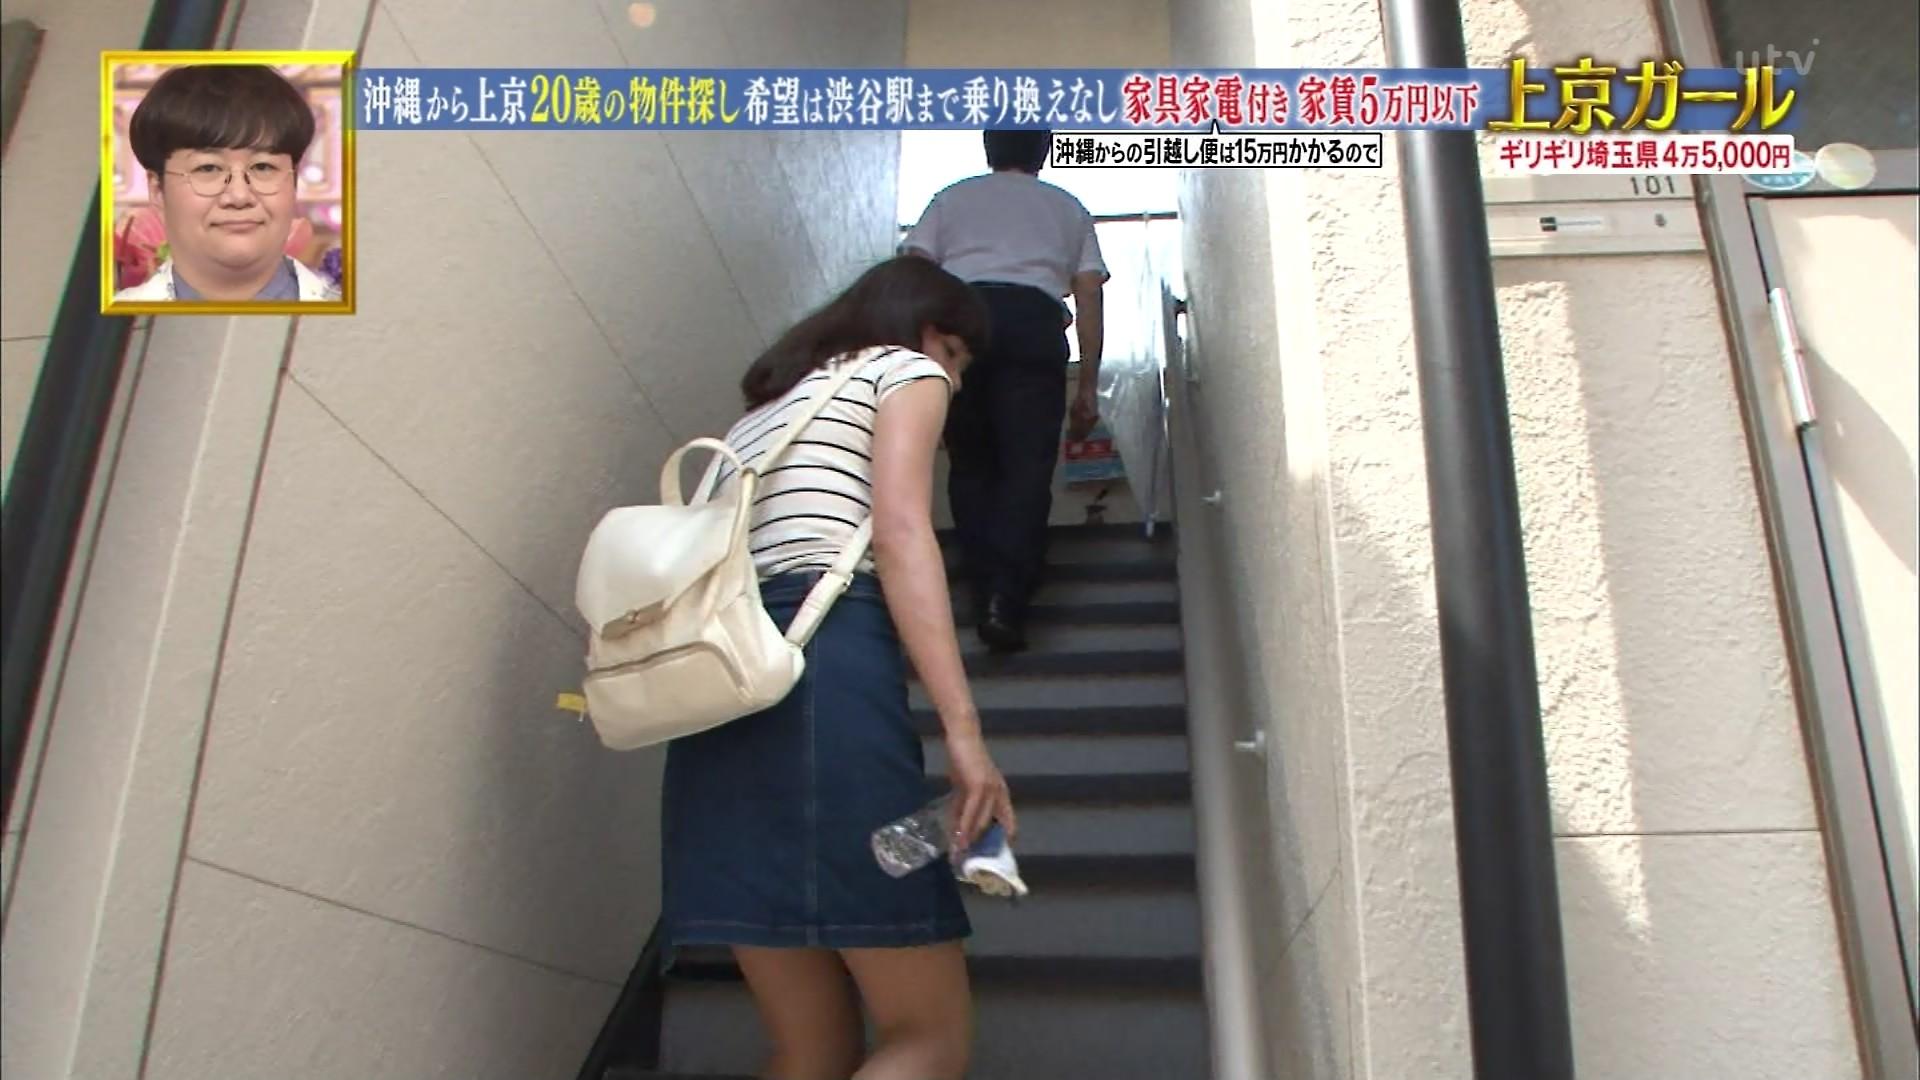 沖縄美女_パンチラ_放送事故_テレビキャプ画像_05